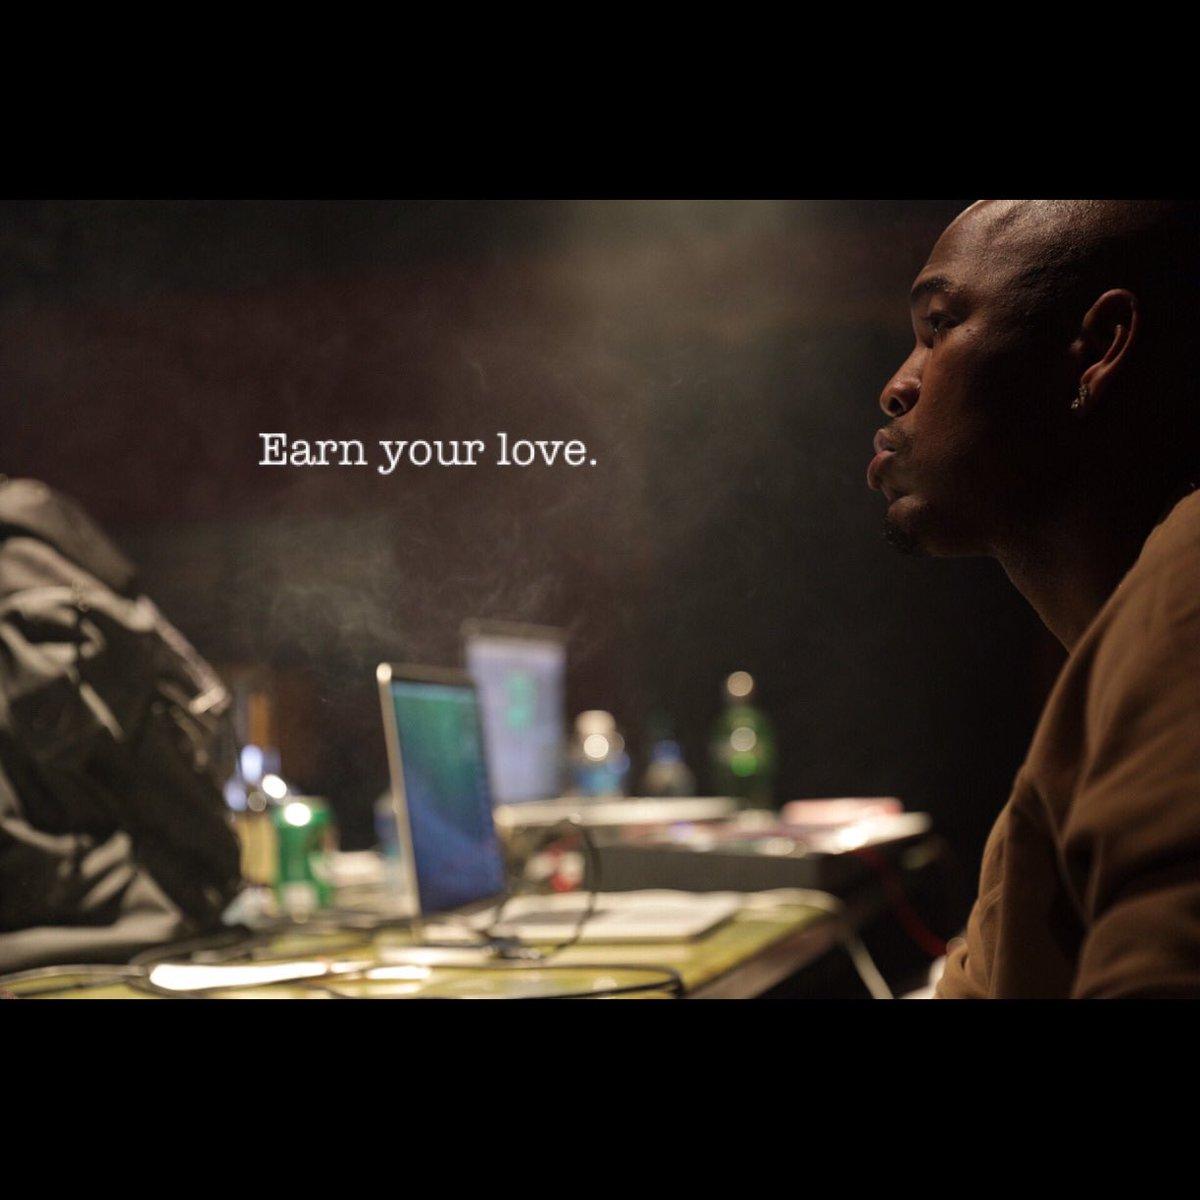 NeYo Earn Your Love